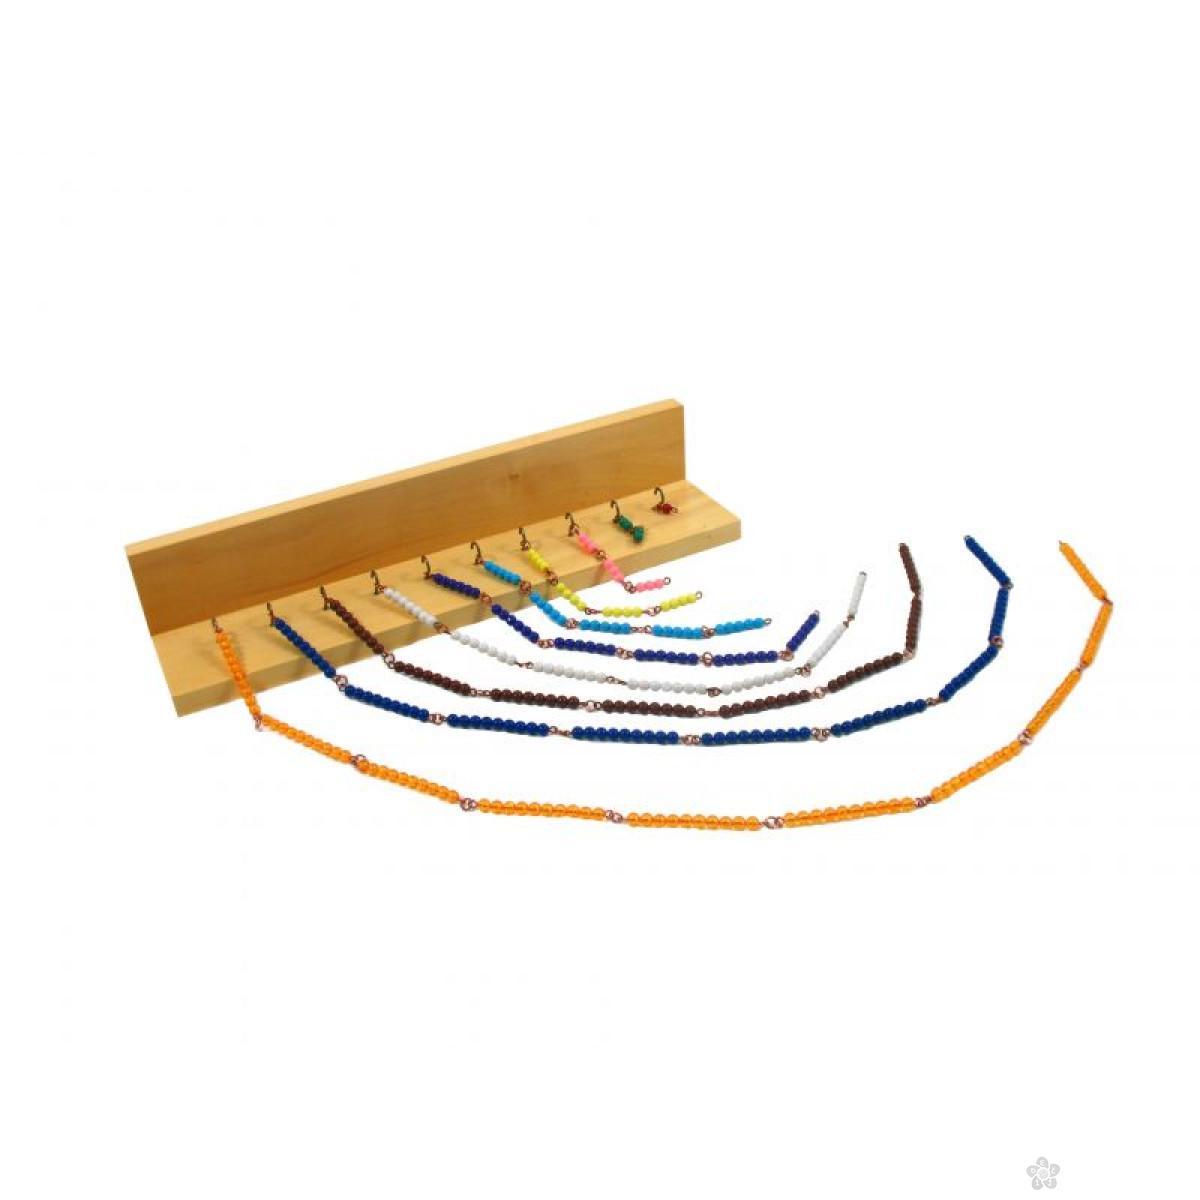 Montesori-šareni lančići za računanje i drveno postolje sa kukama, HTM0226